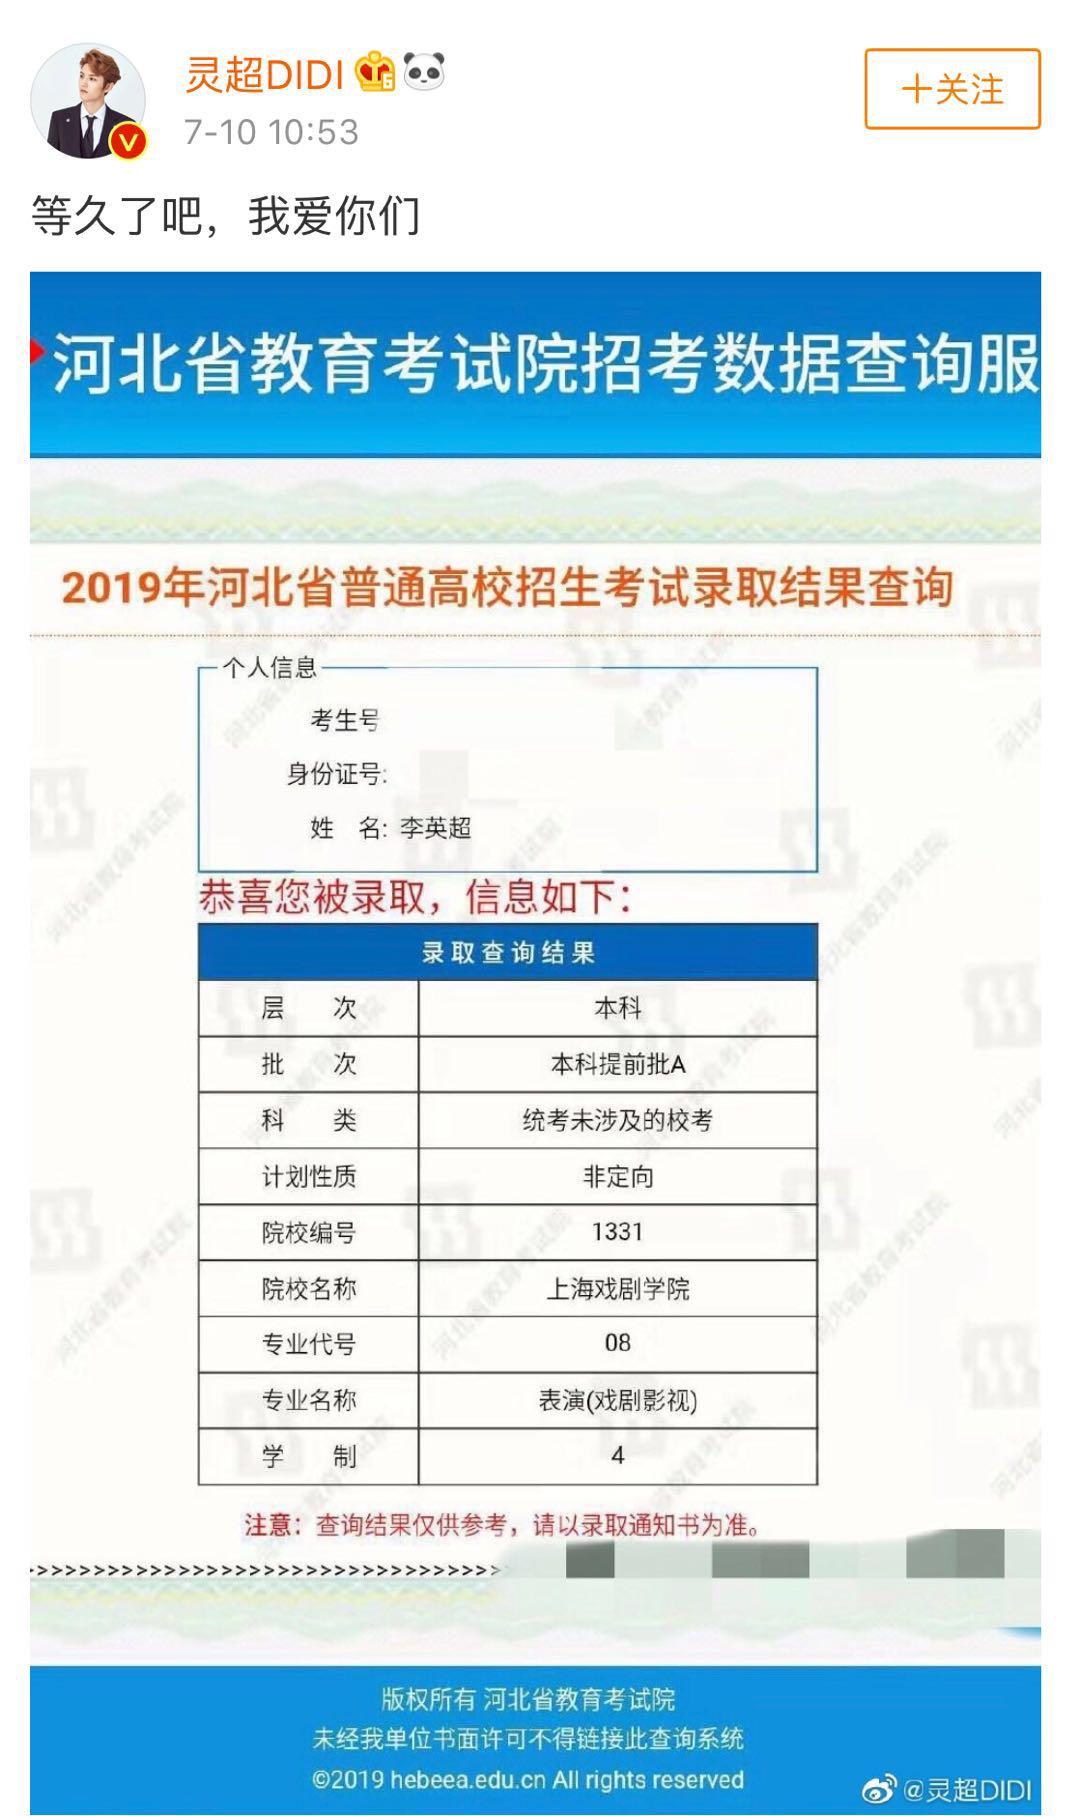 灵超被上海戏剧学院录取怎么回事?灵超个人资料高考分数是多少